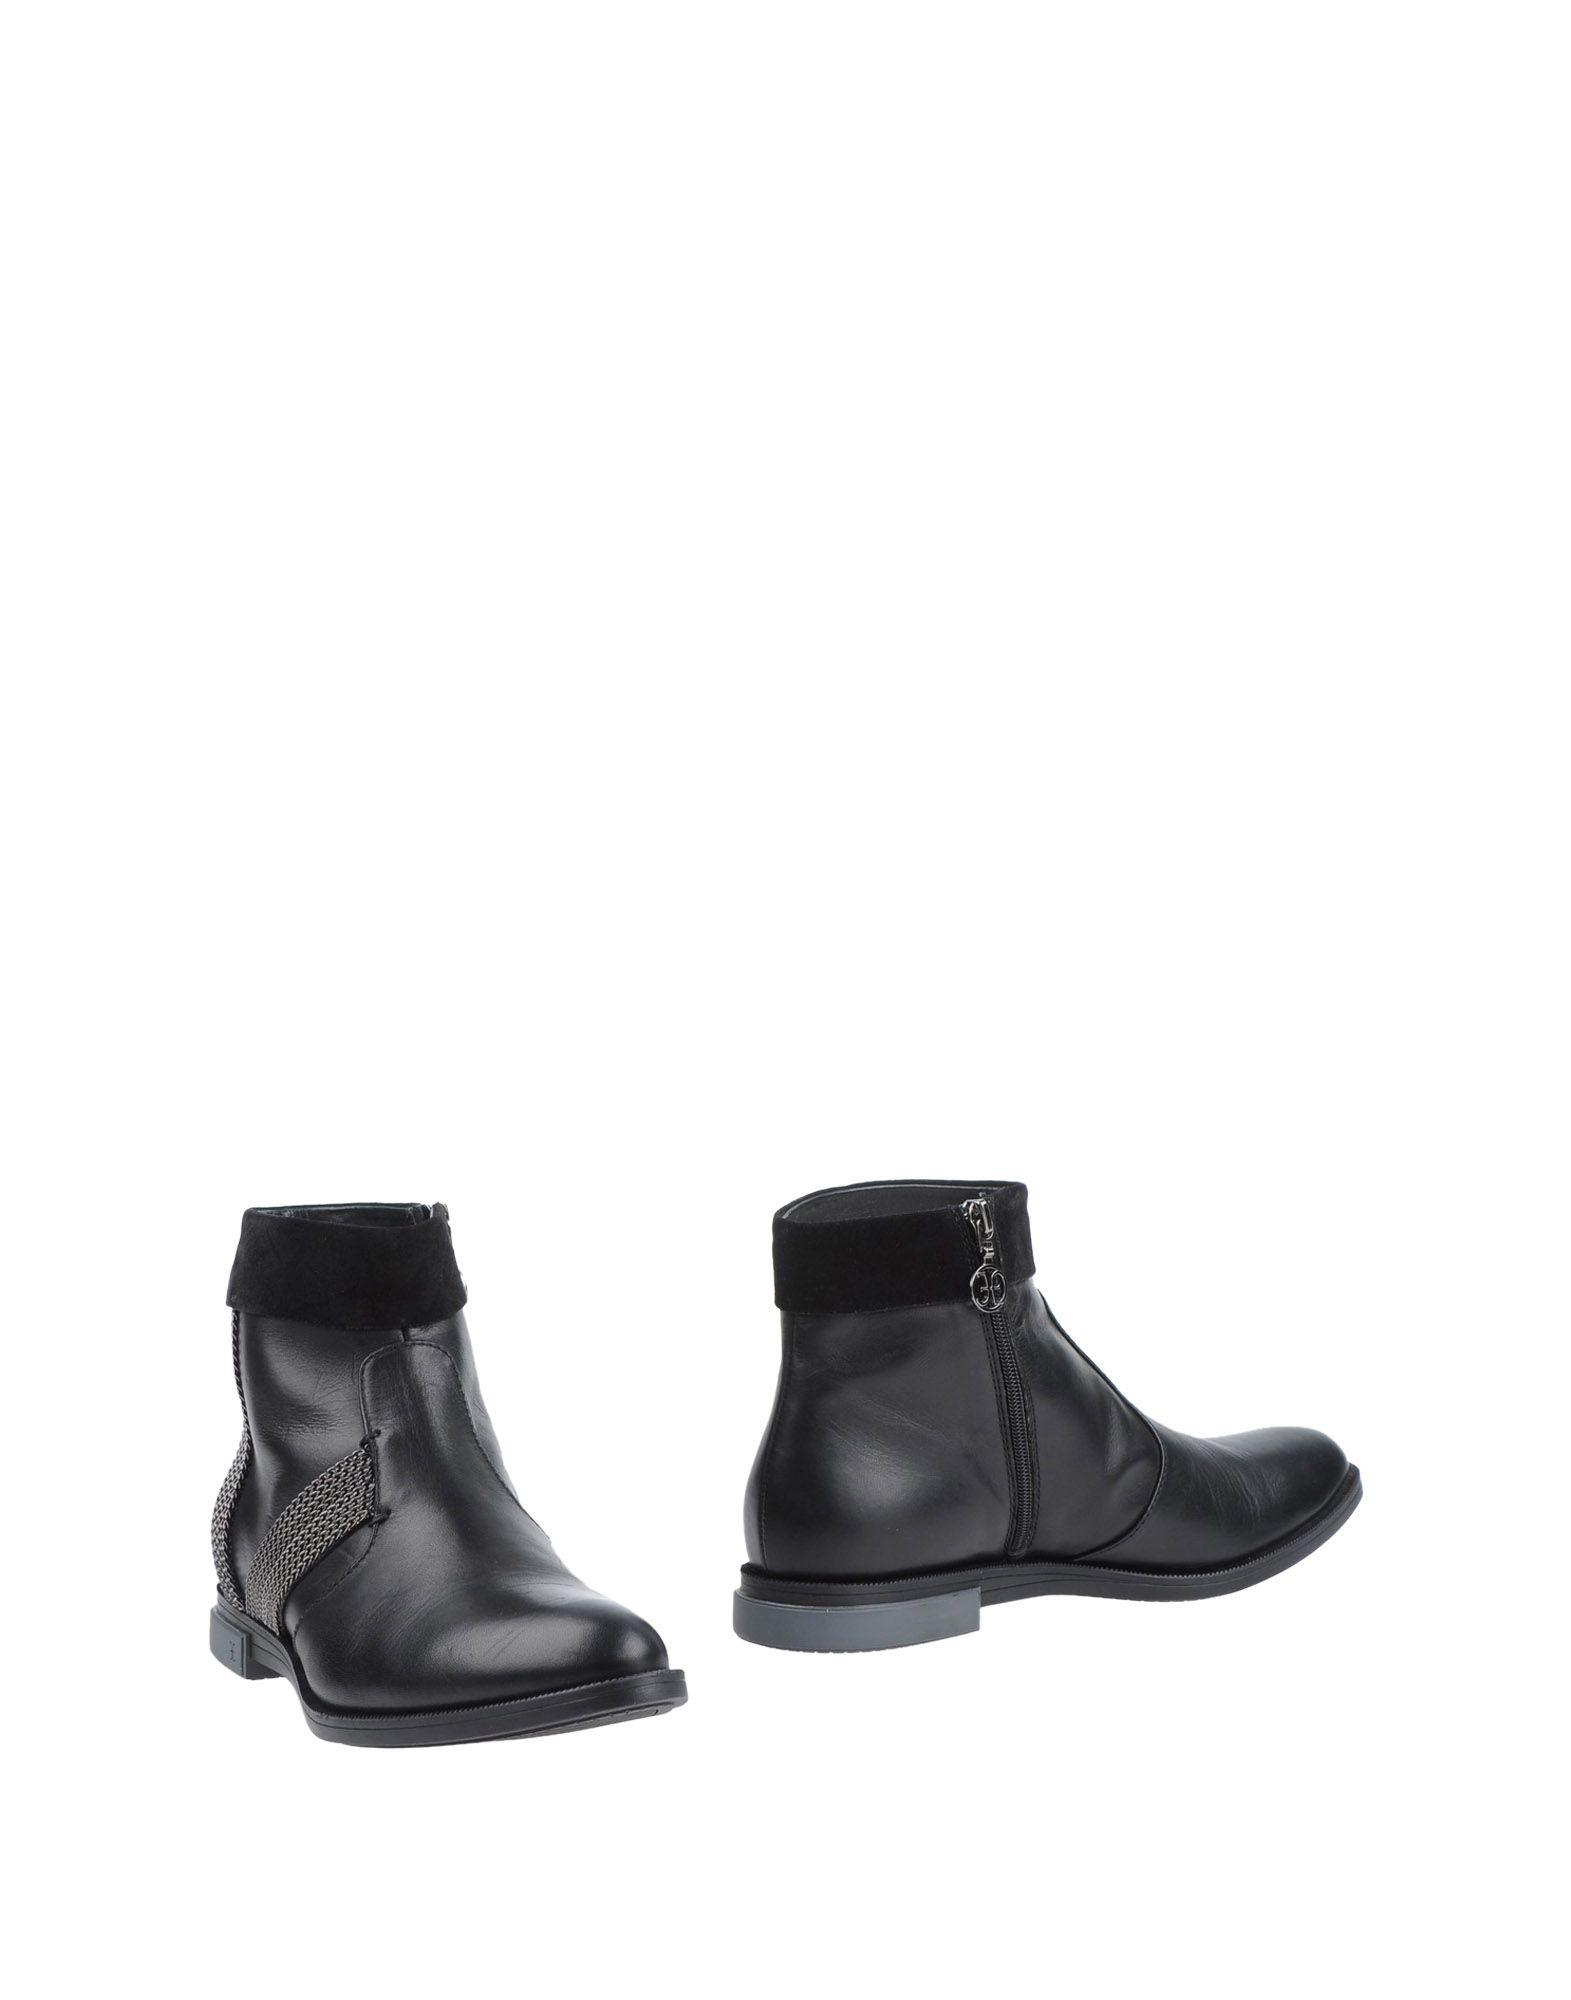 Fabi Stiefelette Schuhe Damen  11305652LW Heiße Schuhe Stiefelette be9d64